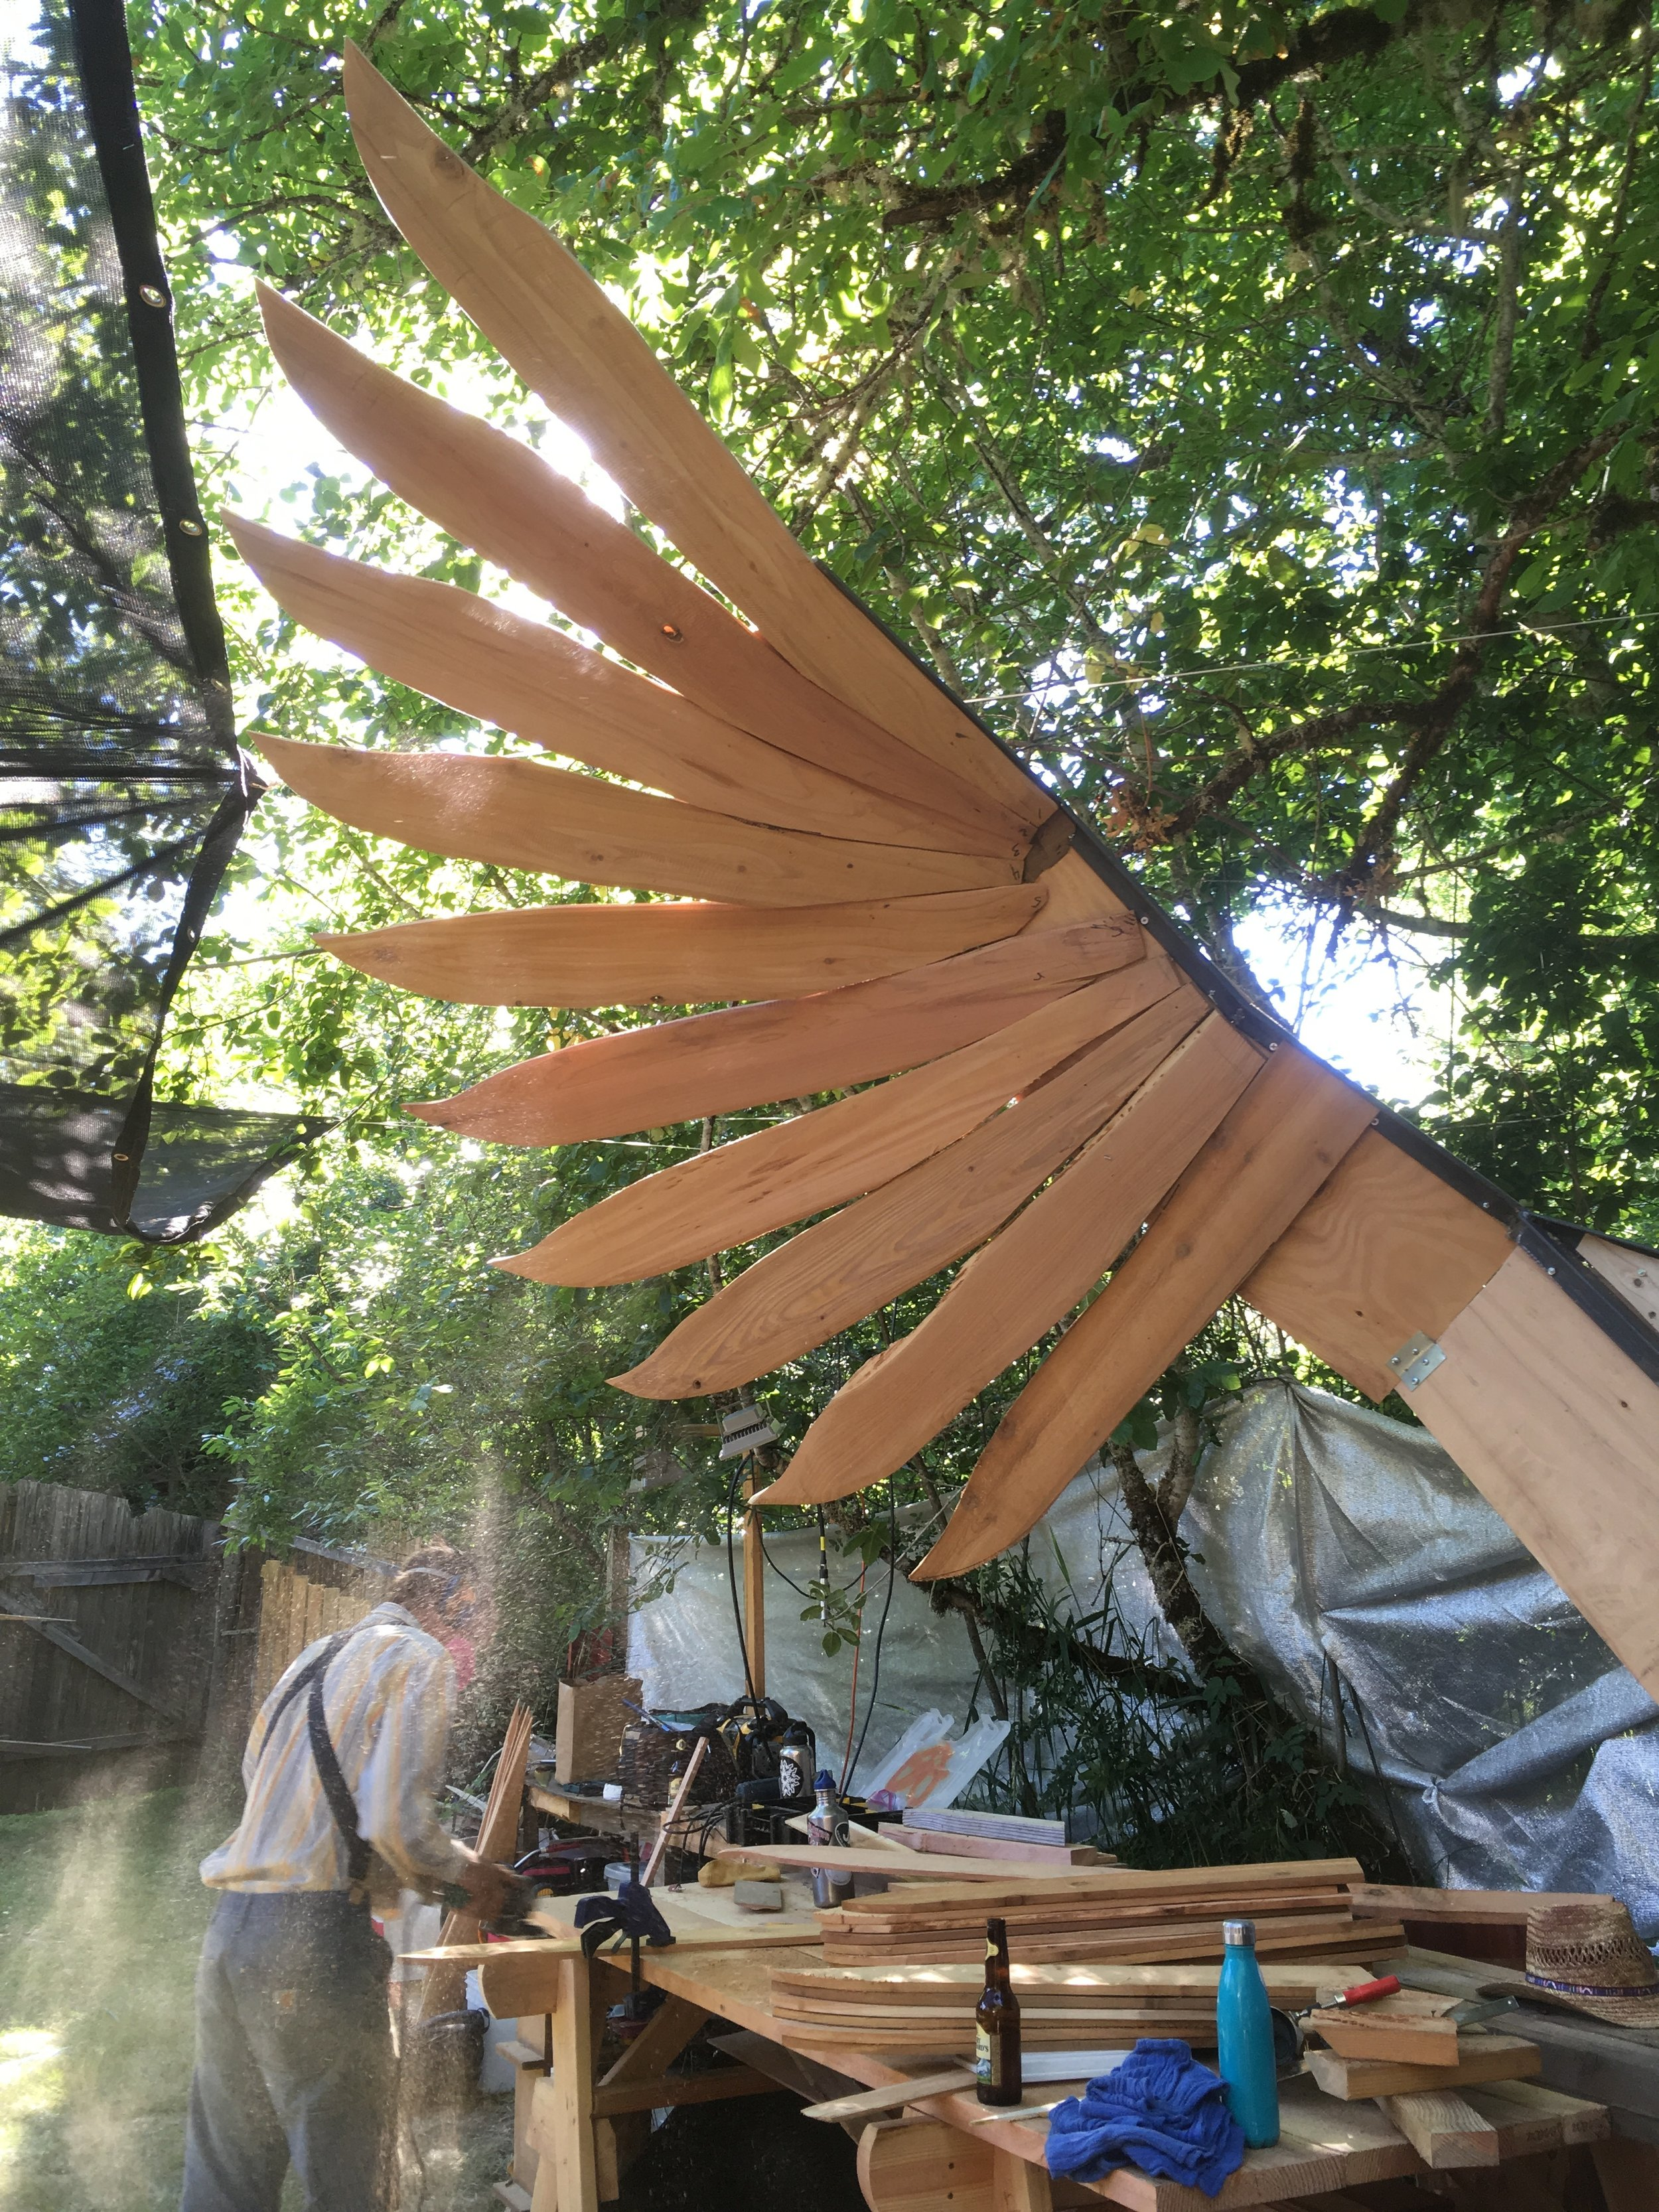 The beginnings of Fotia's wings